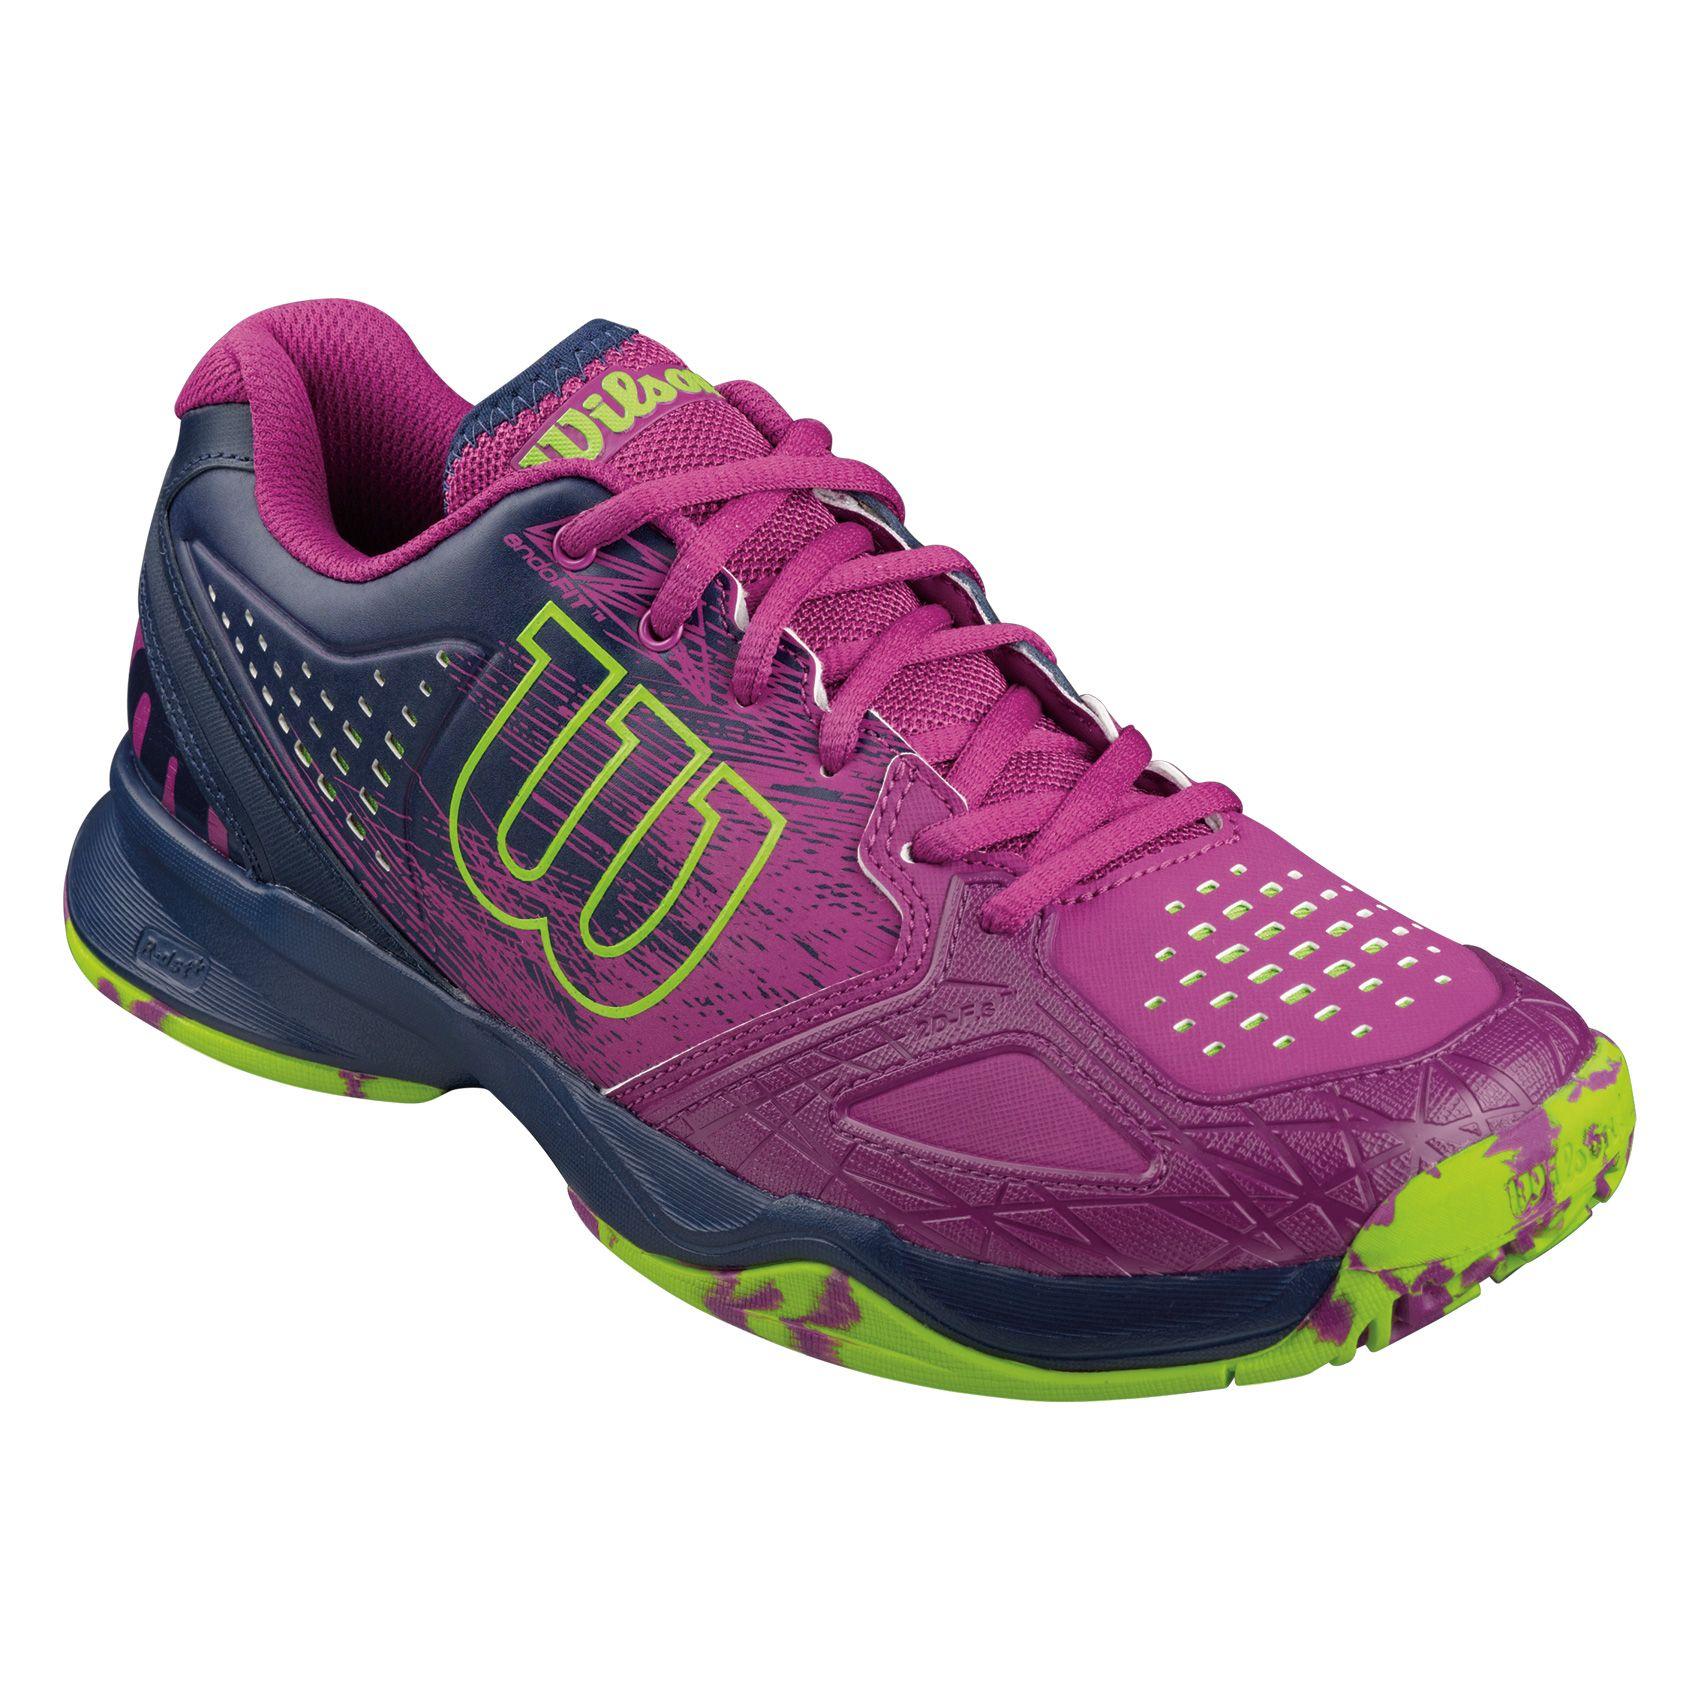 Wilson Kaos Tennis Shoe Review